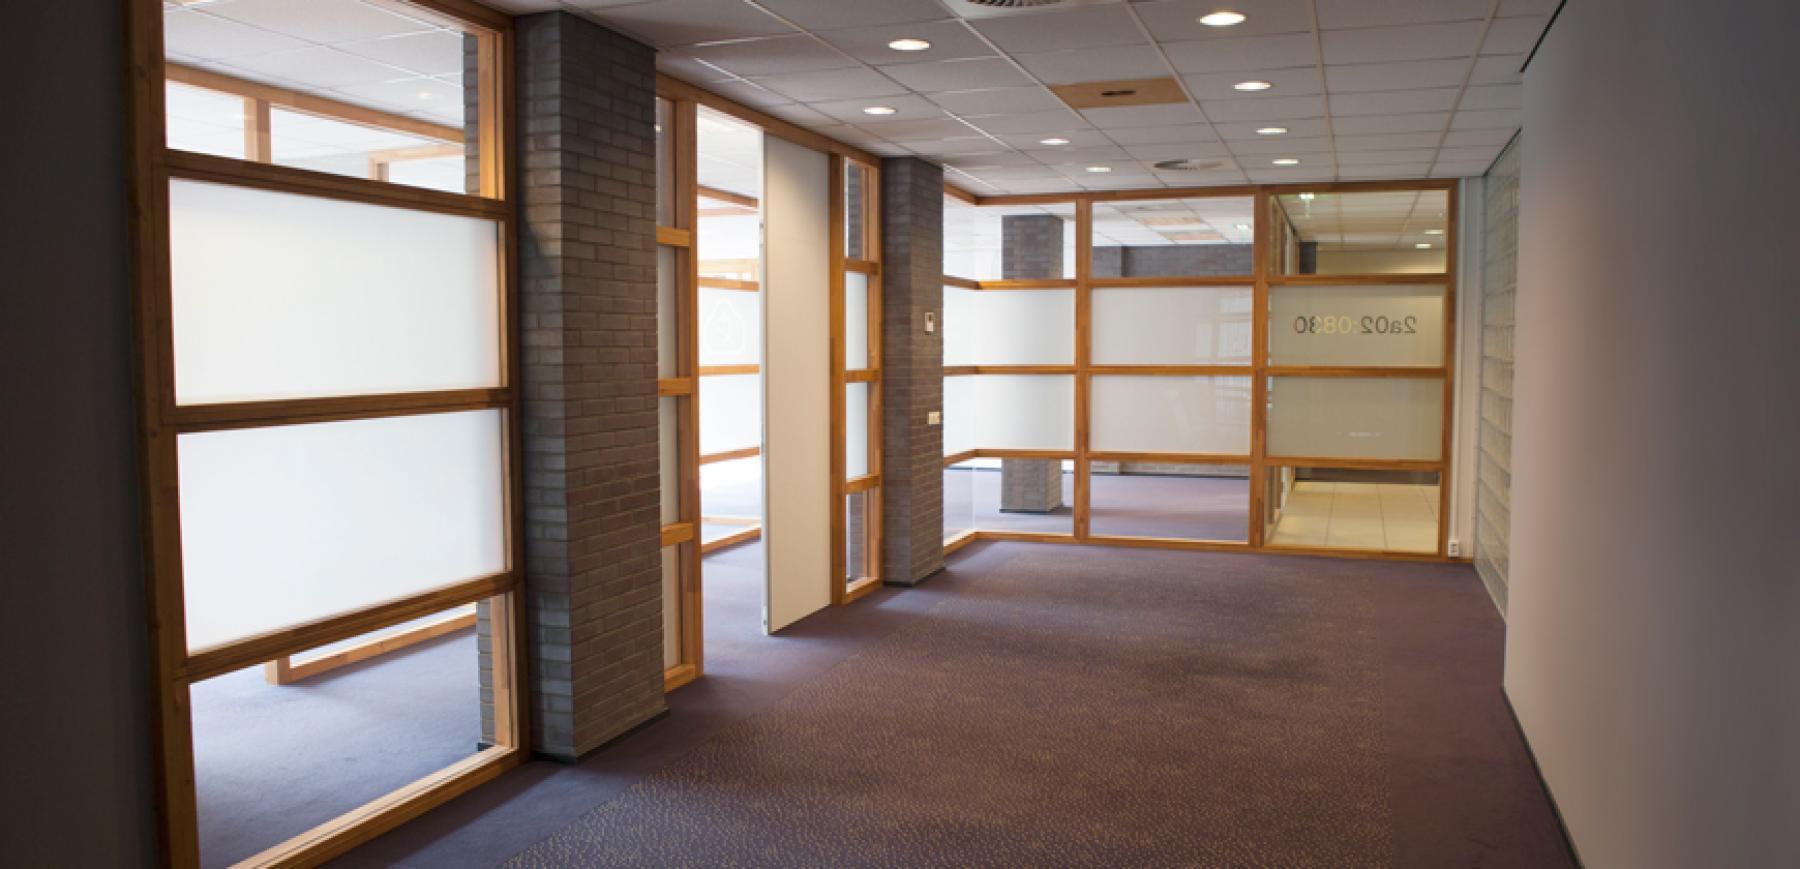 kantoorruimte eindhoven science park binnenkant gang